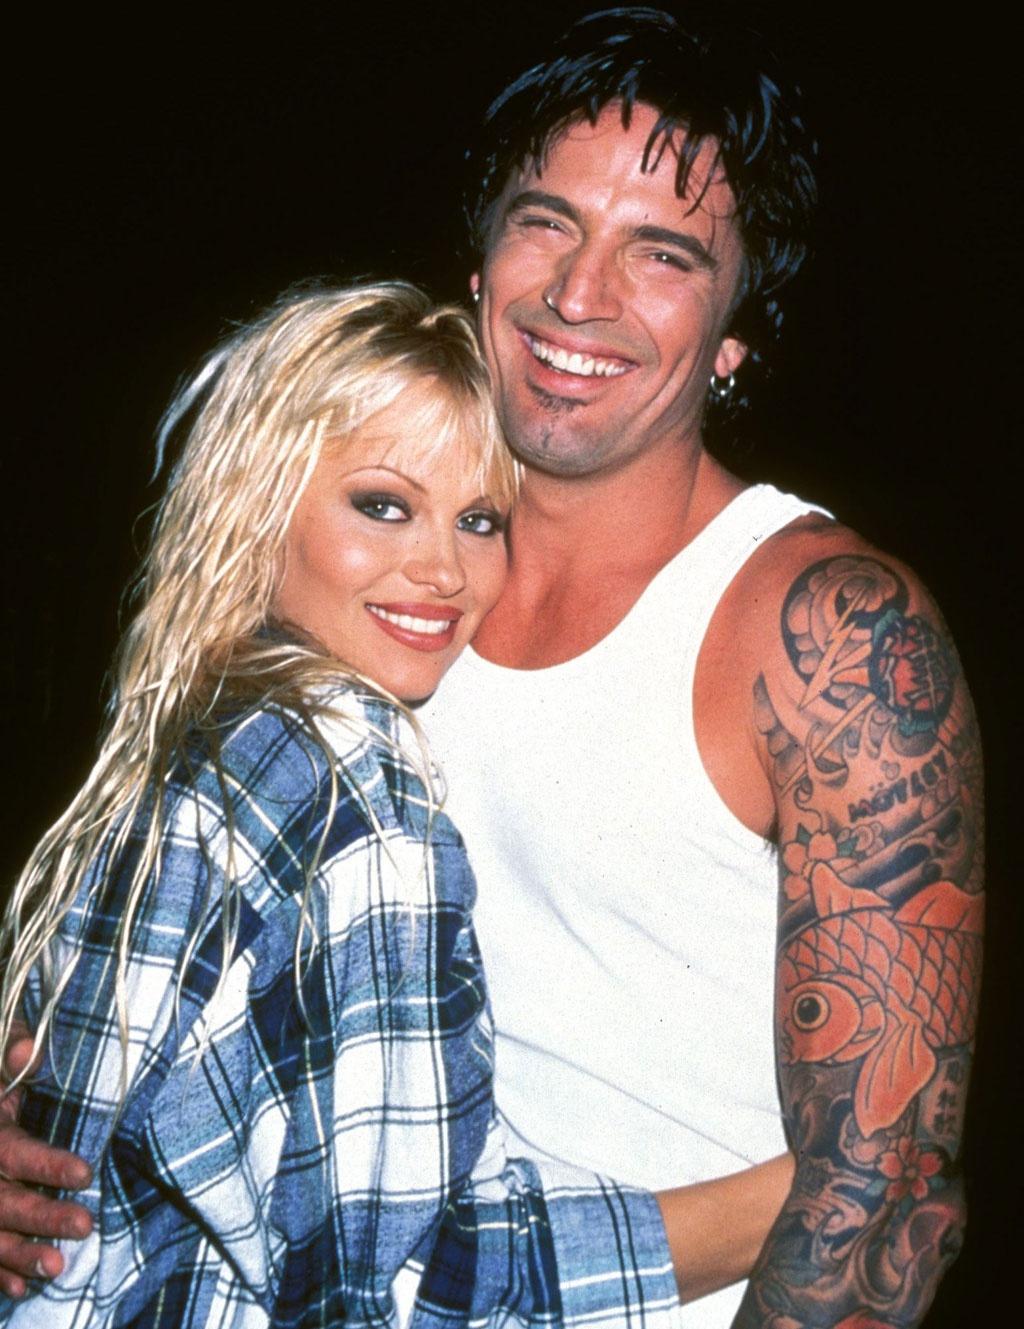 Cuộc hôn nhân sóng gió của Pamela Anderson và Tommy Lee bị bàn tán suốt nhiều năm.